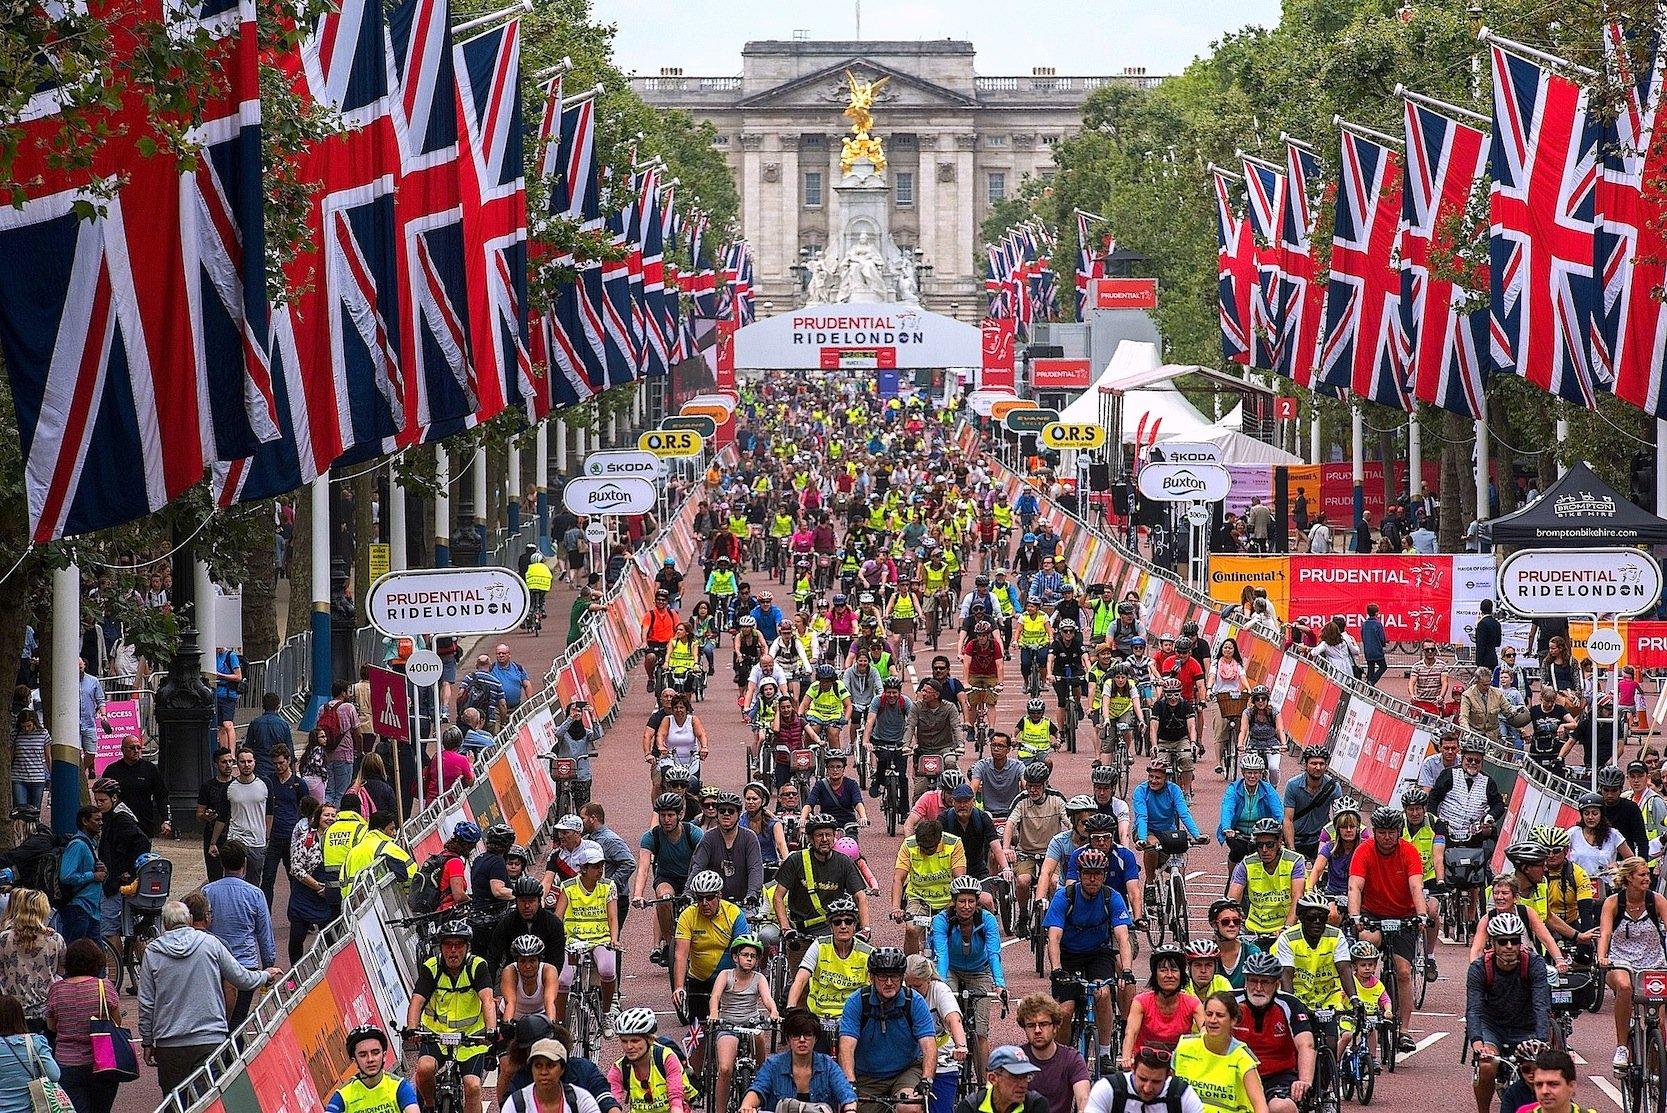 Start zum Prudential Ride in London: Rund 100.000 Radfahrer sind an drei Tagen in der Londoner Innenstadt unterwegs. Irgendwo in der Menge waren auch die Continental-Ingenieure mit ihrem Shoe Bike unterwegs.